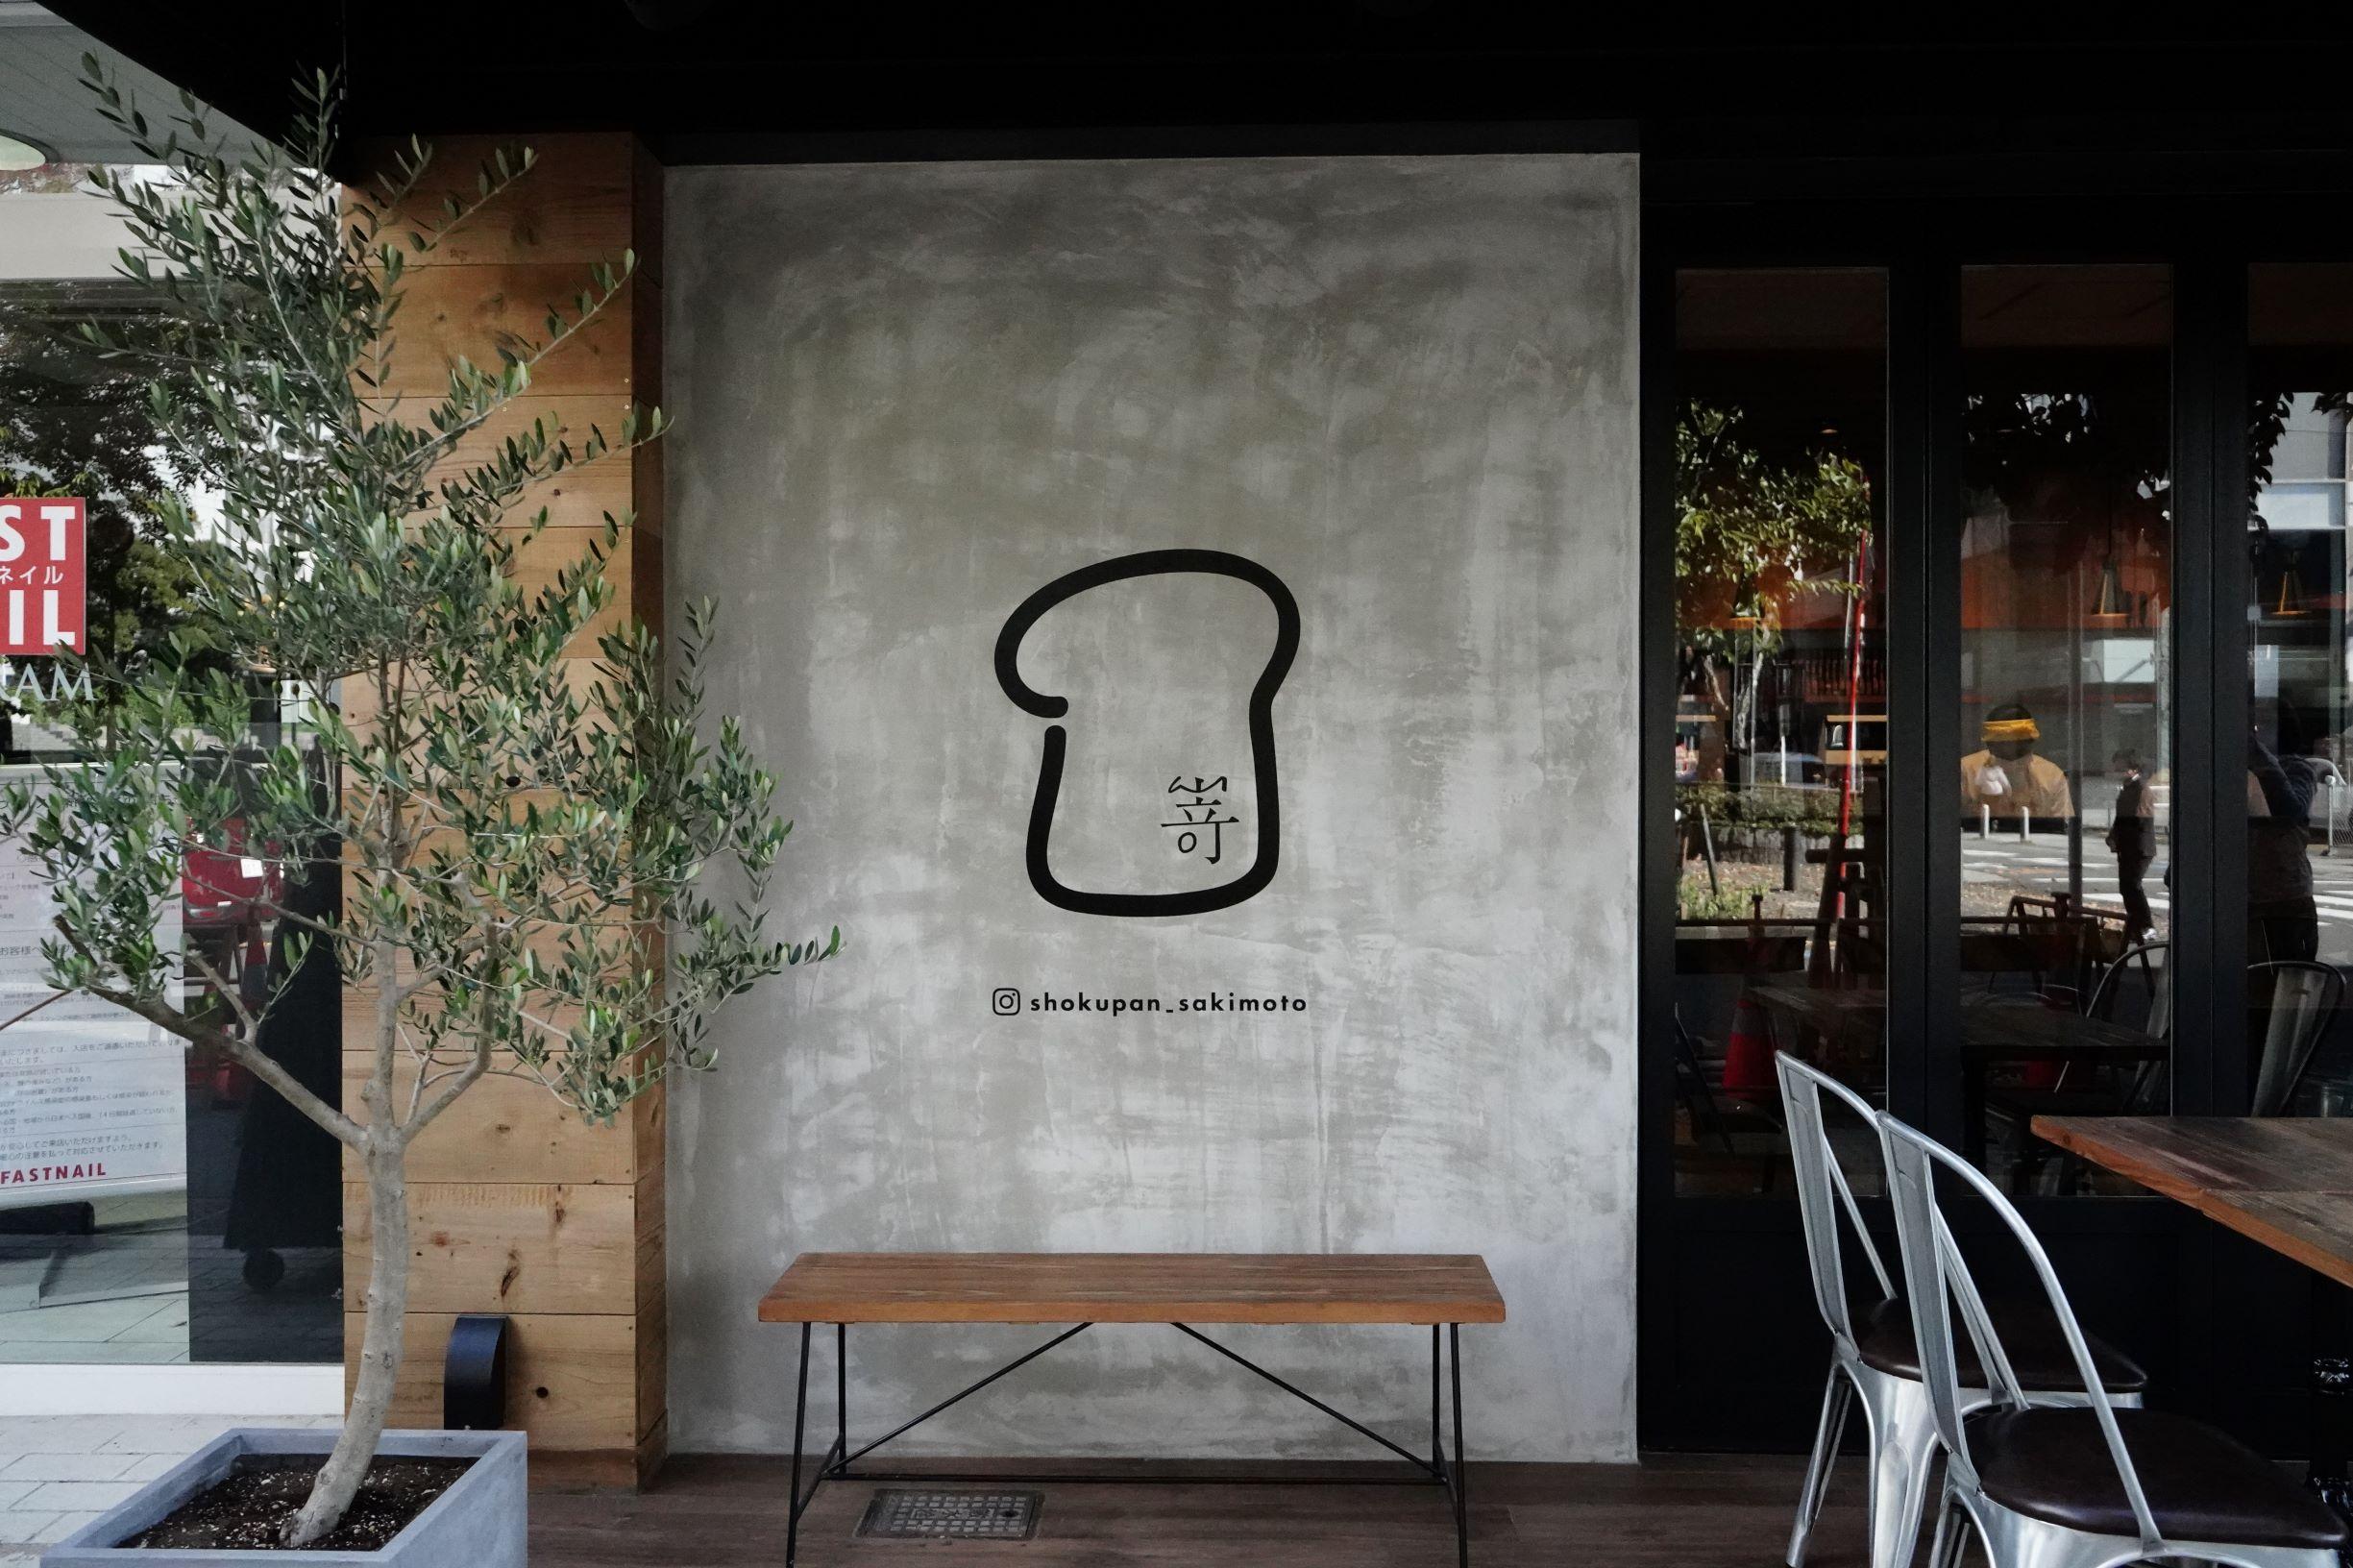 東海地方初出店!高級食パン専門店「嵜本」でふわふわ・もちもち食パンを堪能しよう! - 9b6fcf1ee1644c1cc96b984eeda9e960